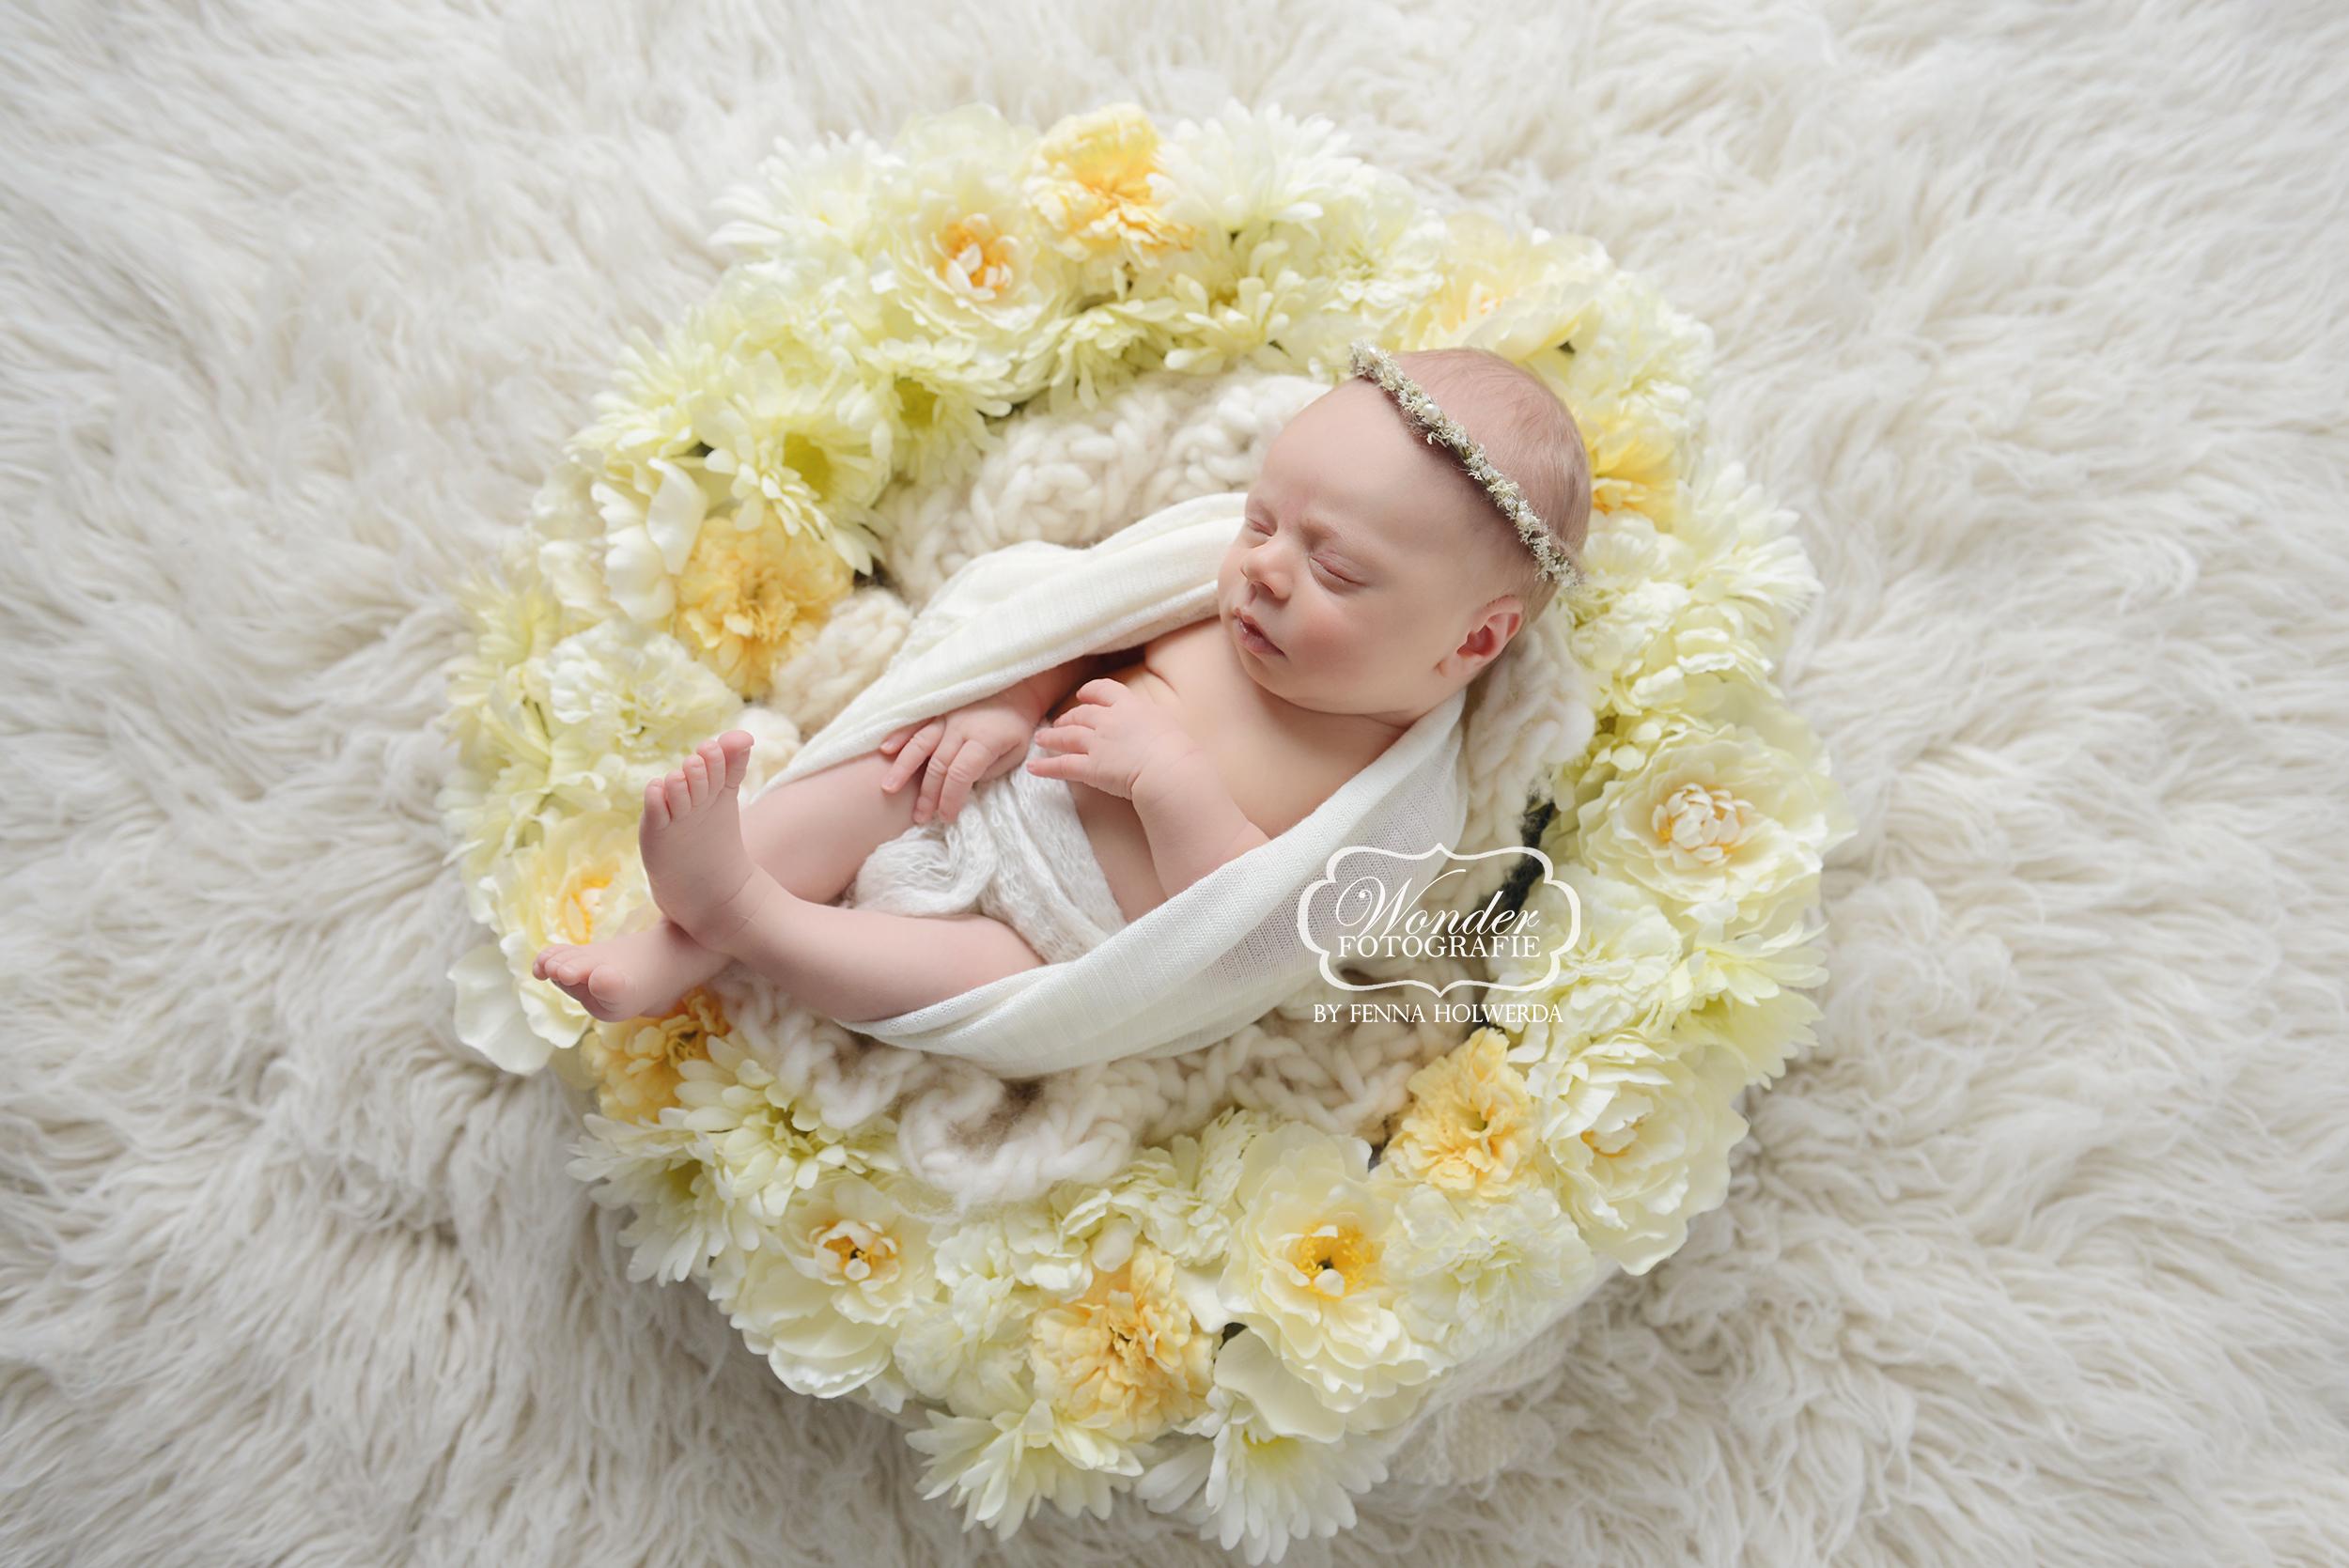 newborn fotoshoot girl meisje baby bloemen flowers